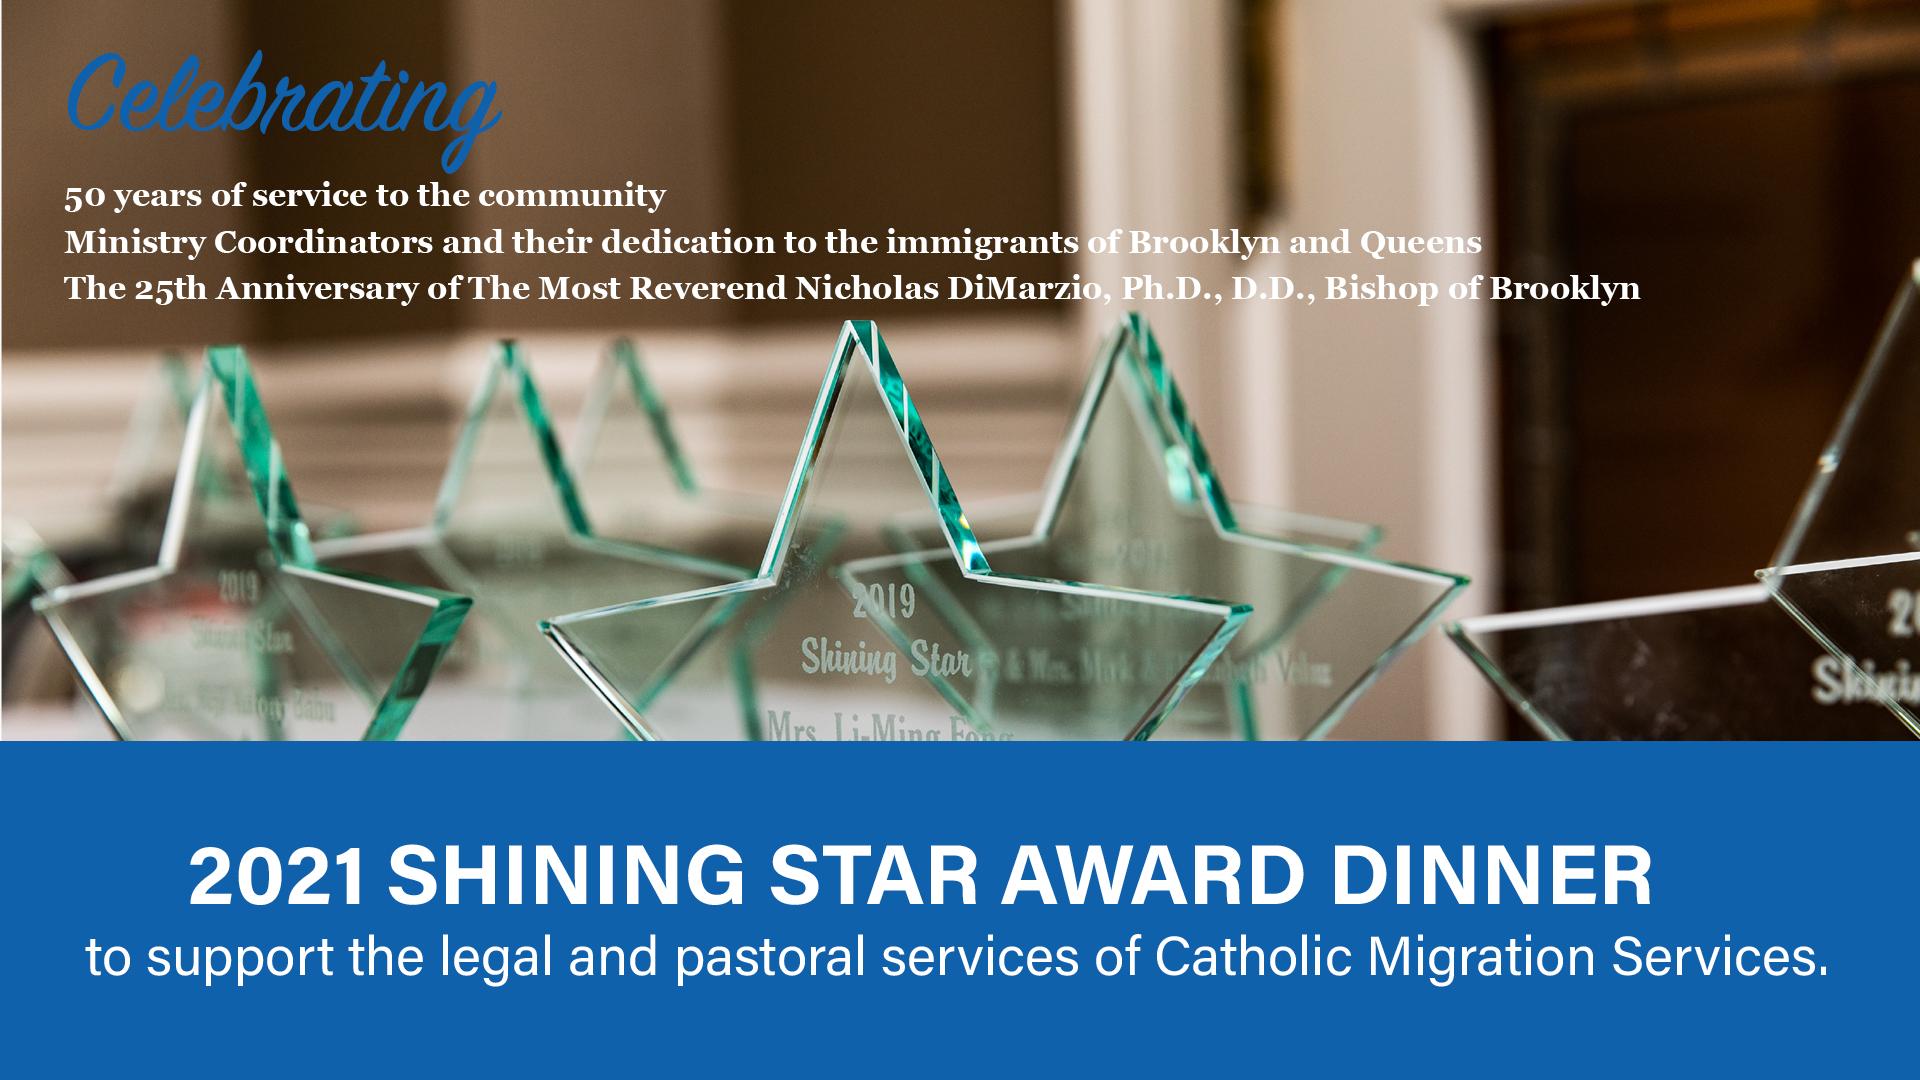 2021 Shining Star Award Dinner Landing Page Image